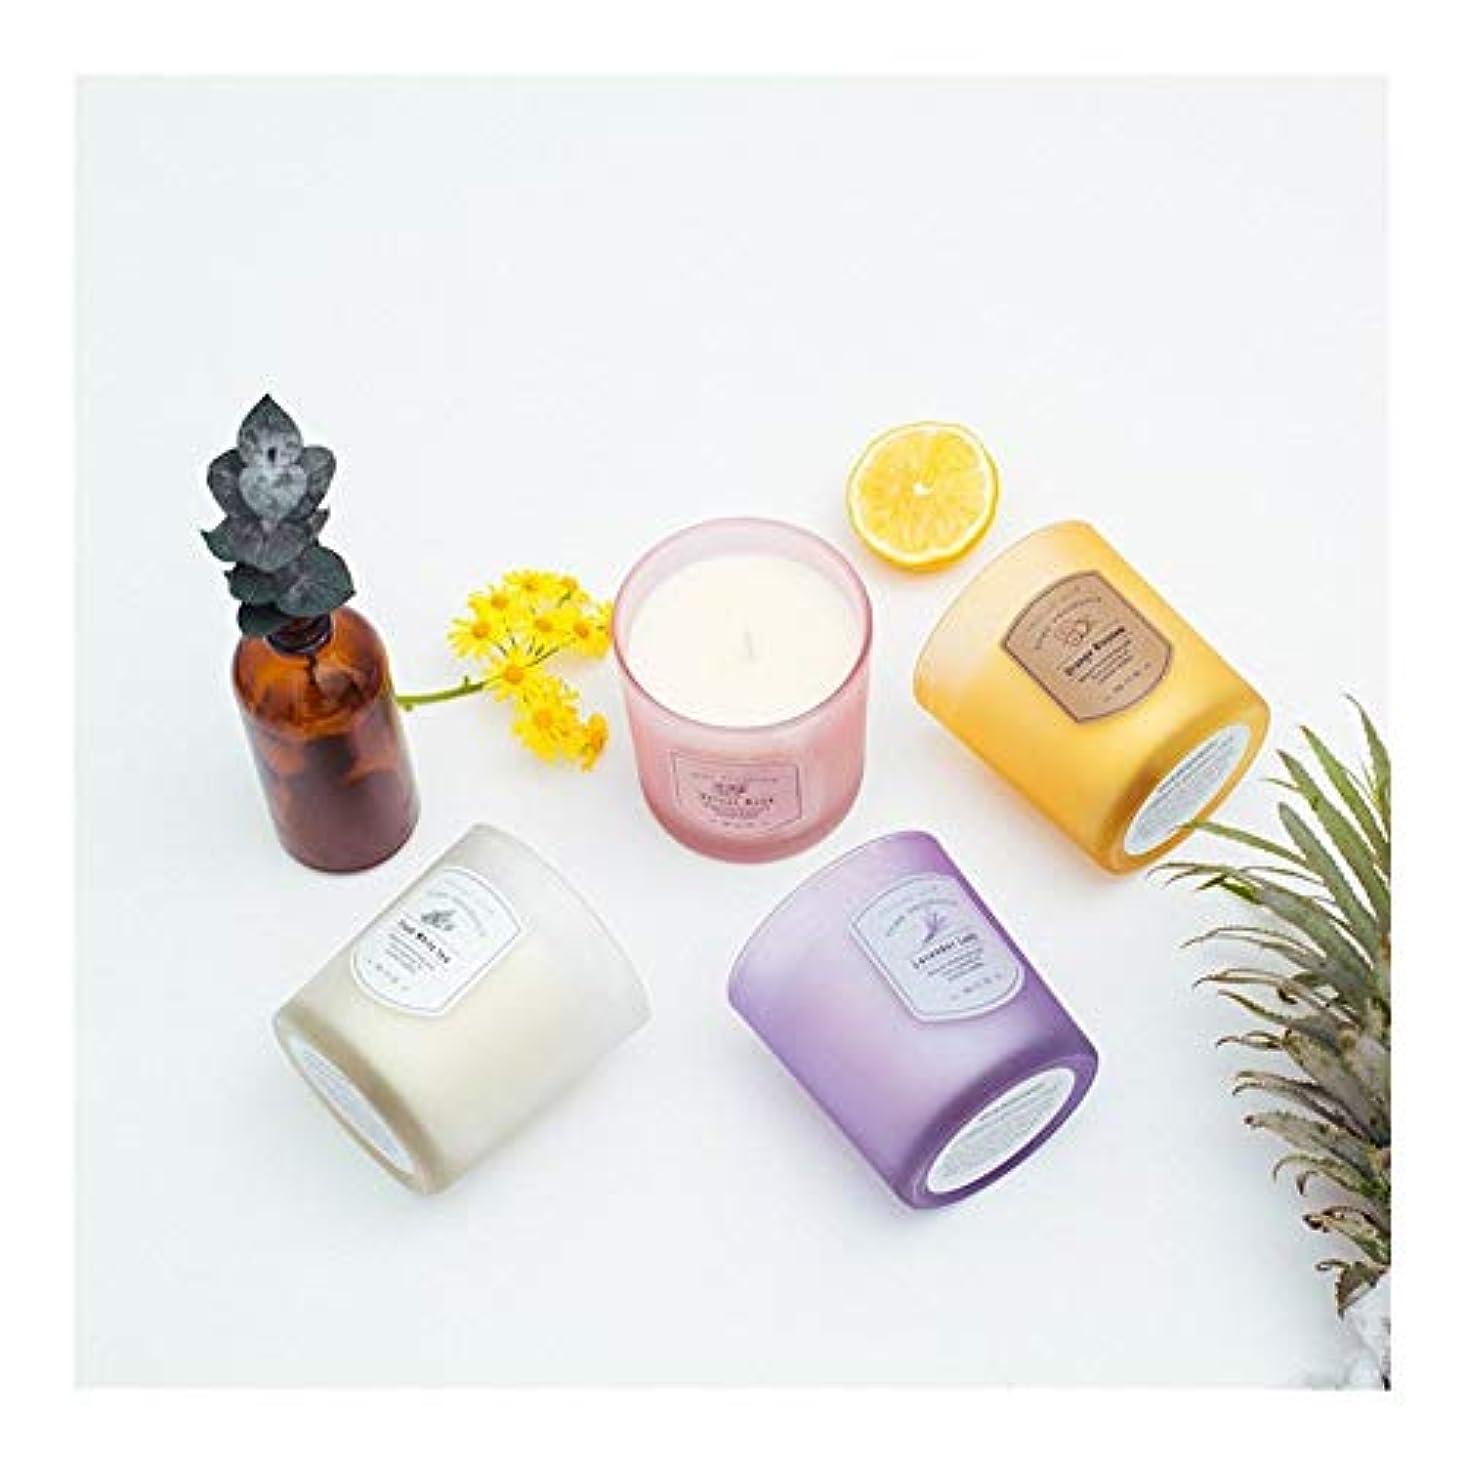 請求可能征服者タックACAO ガラスキャンドルキャンドルセット無煙フレグランスジュエリーホームアクセサリー (色 : Purple lavender)